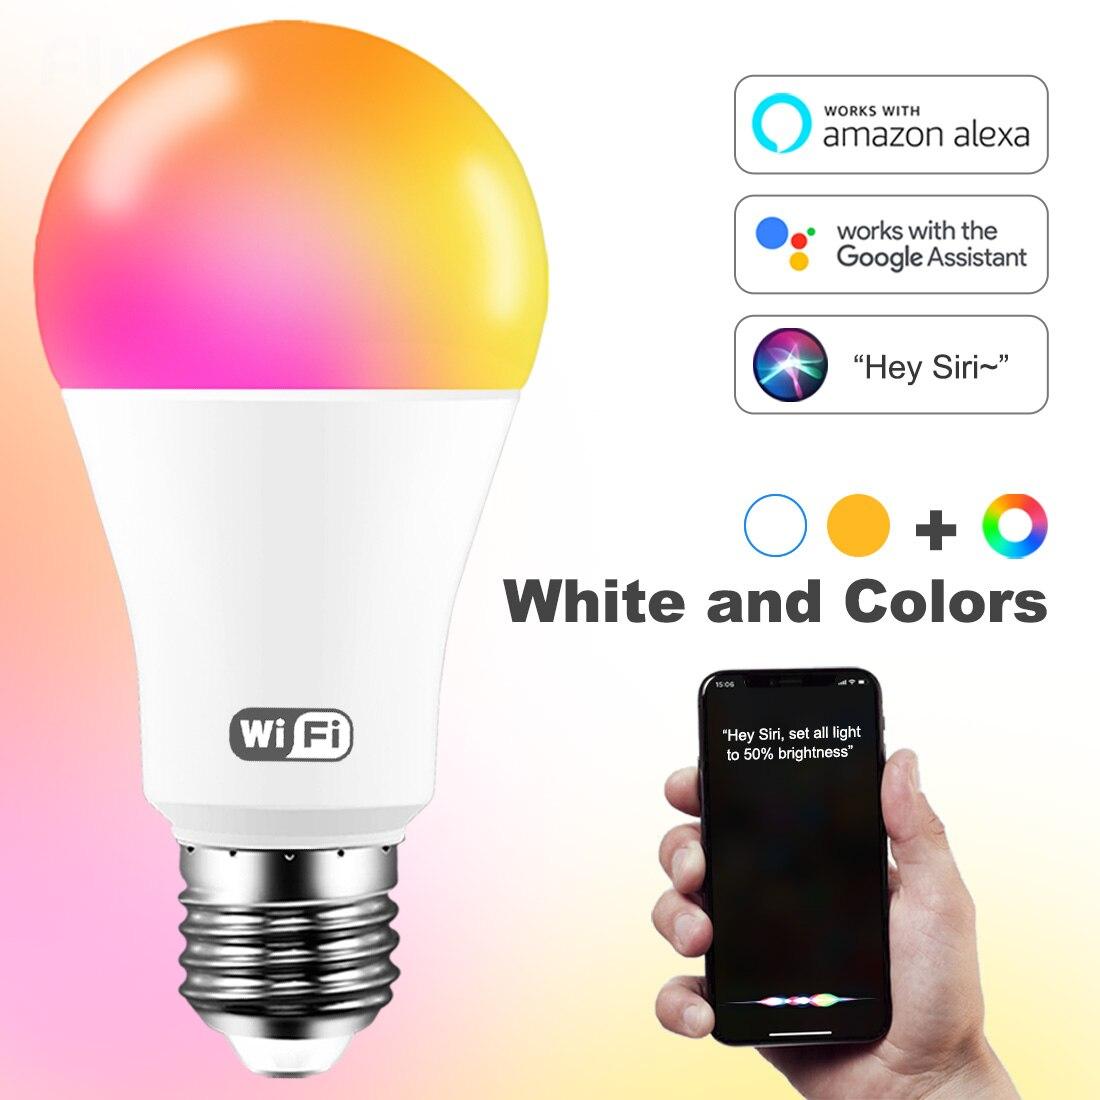 Умсветильник Светодиодная лампа E27 B22, неоновая цветная лампа с голосовым управлением, дистанционным управлением через приложение Alexa Google ...